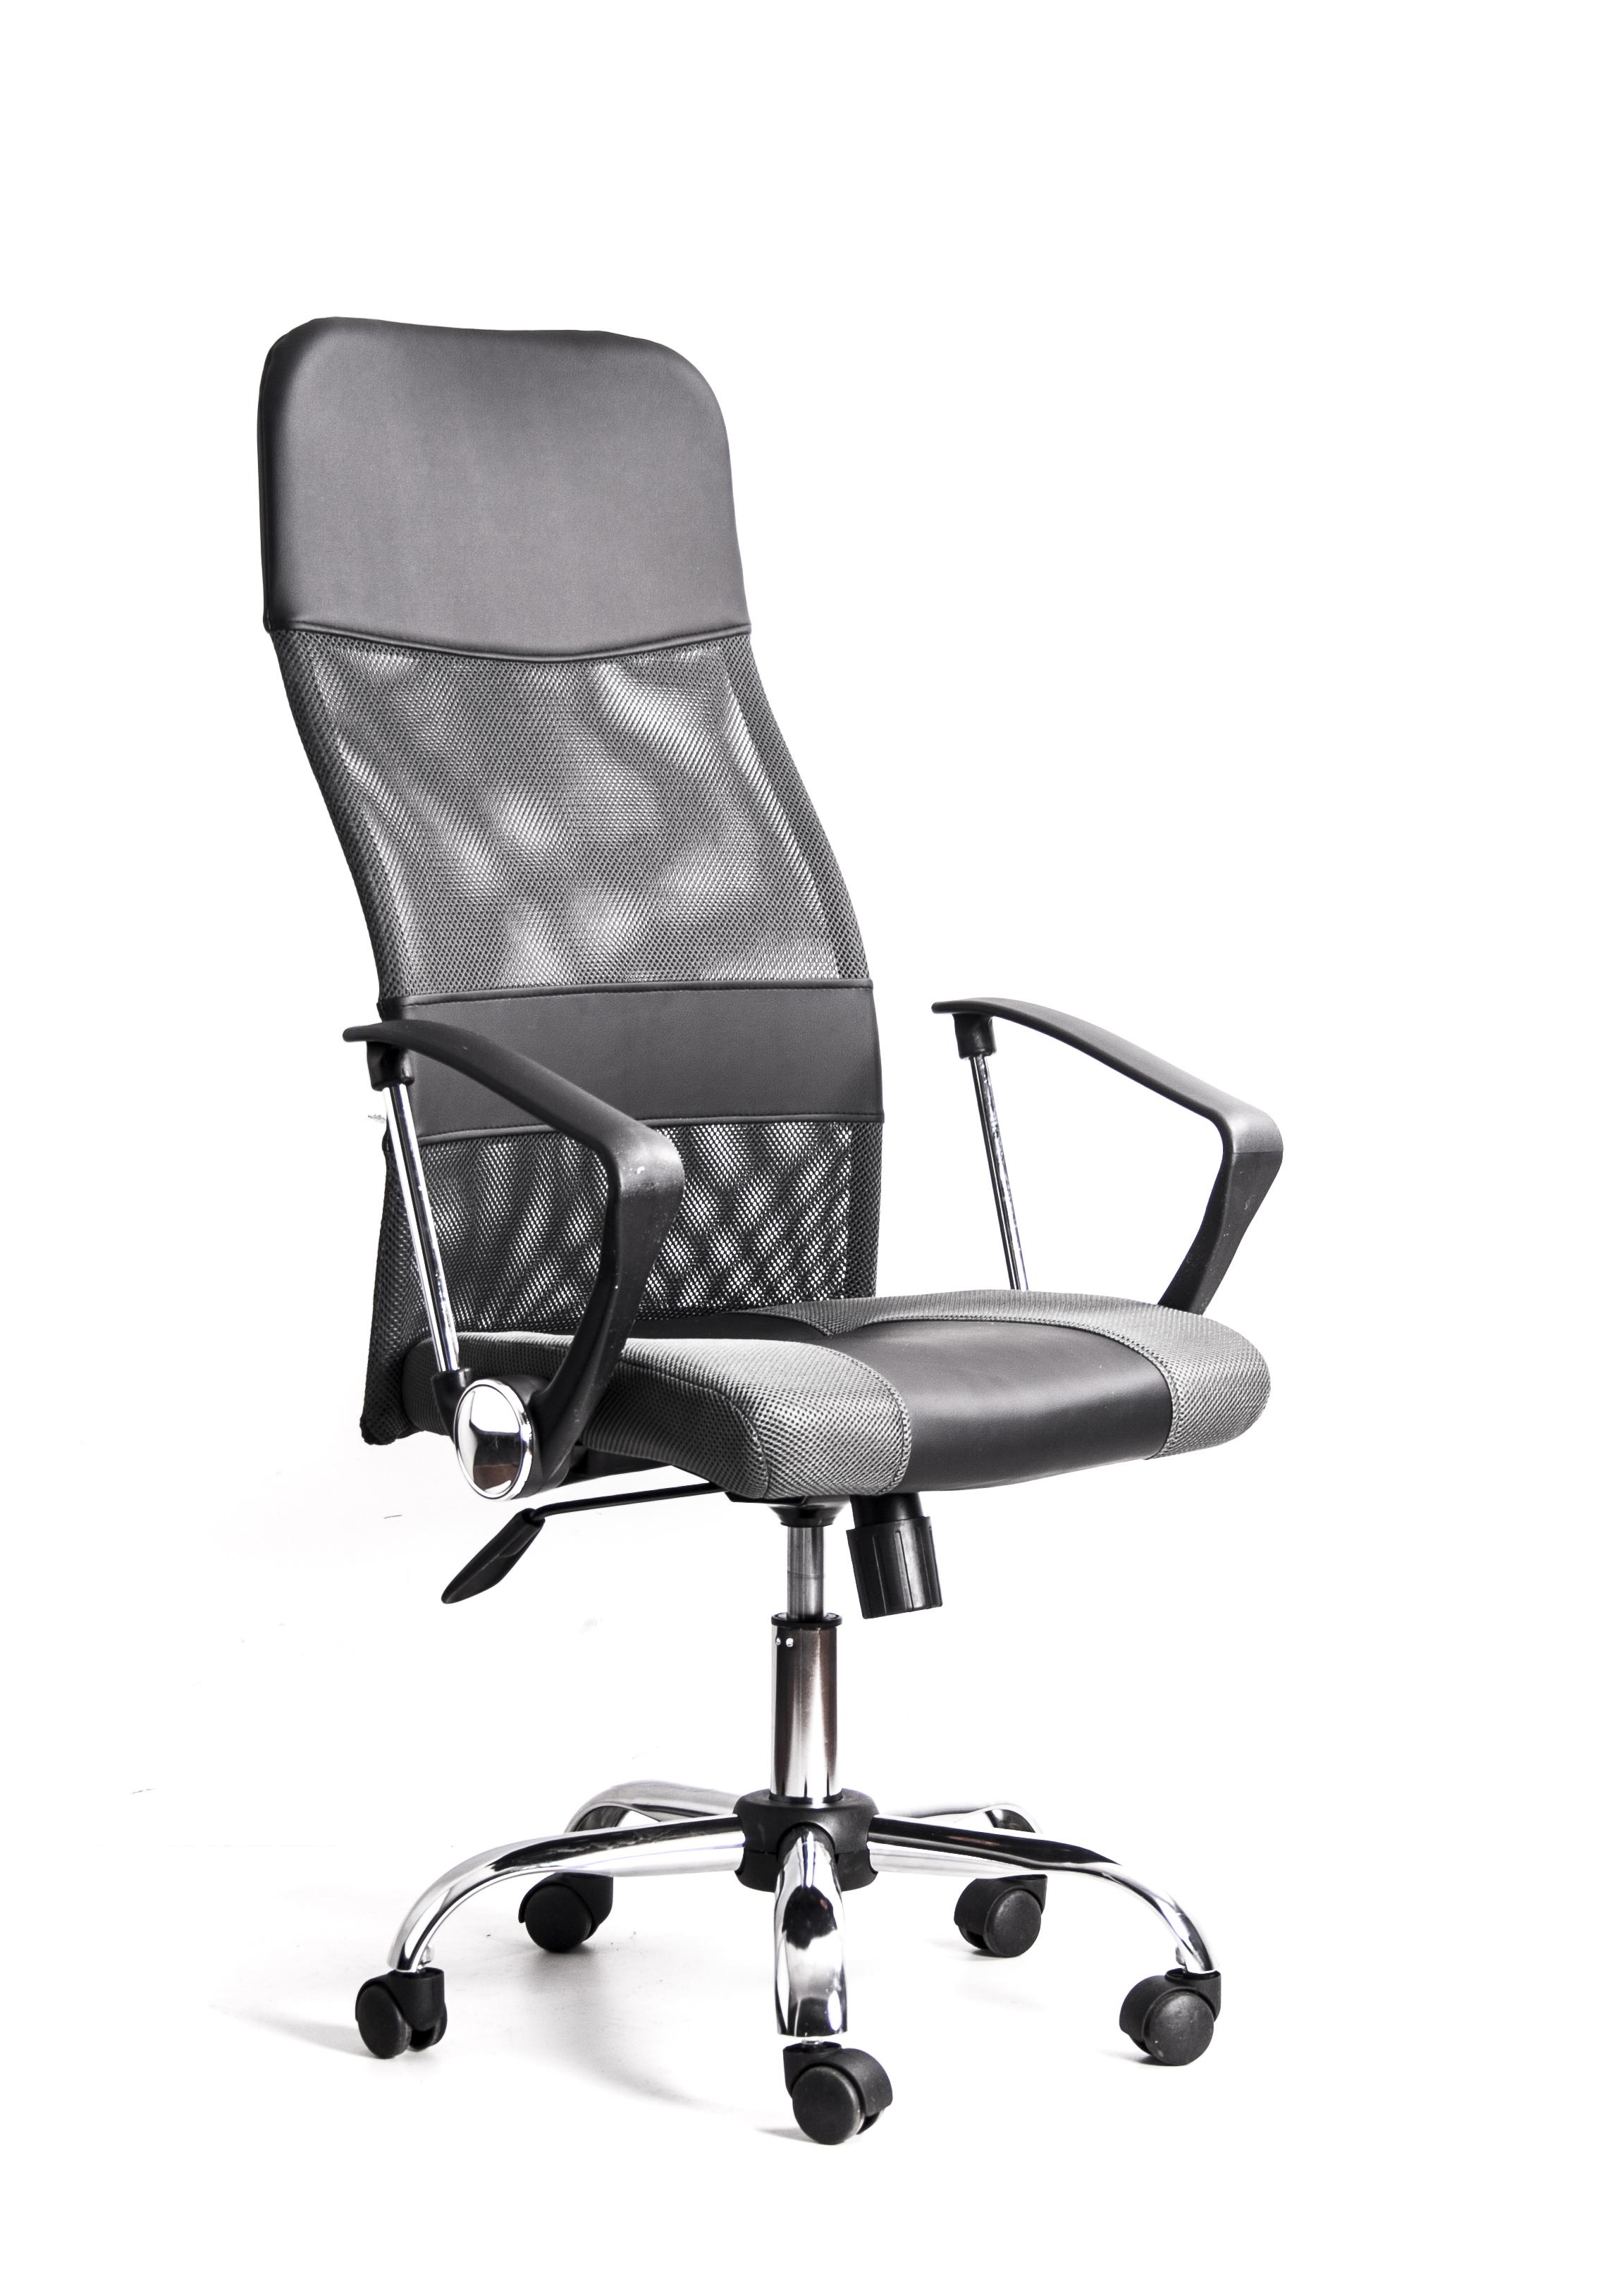 Кресло Recardo Smart Серый сетка/кожа, 120кг, газлифт/качание/откидывание кресло recardo smart 60 черный 60 gtphch1 w01 t01